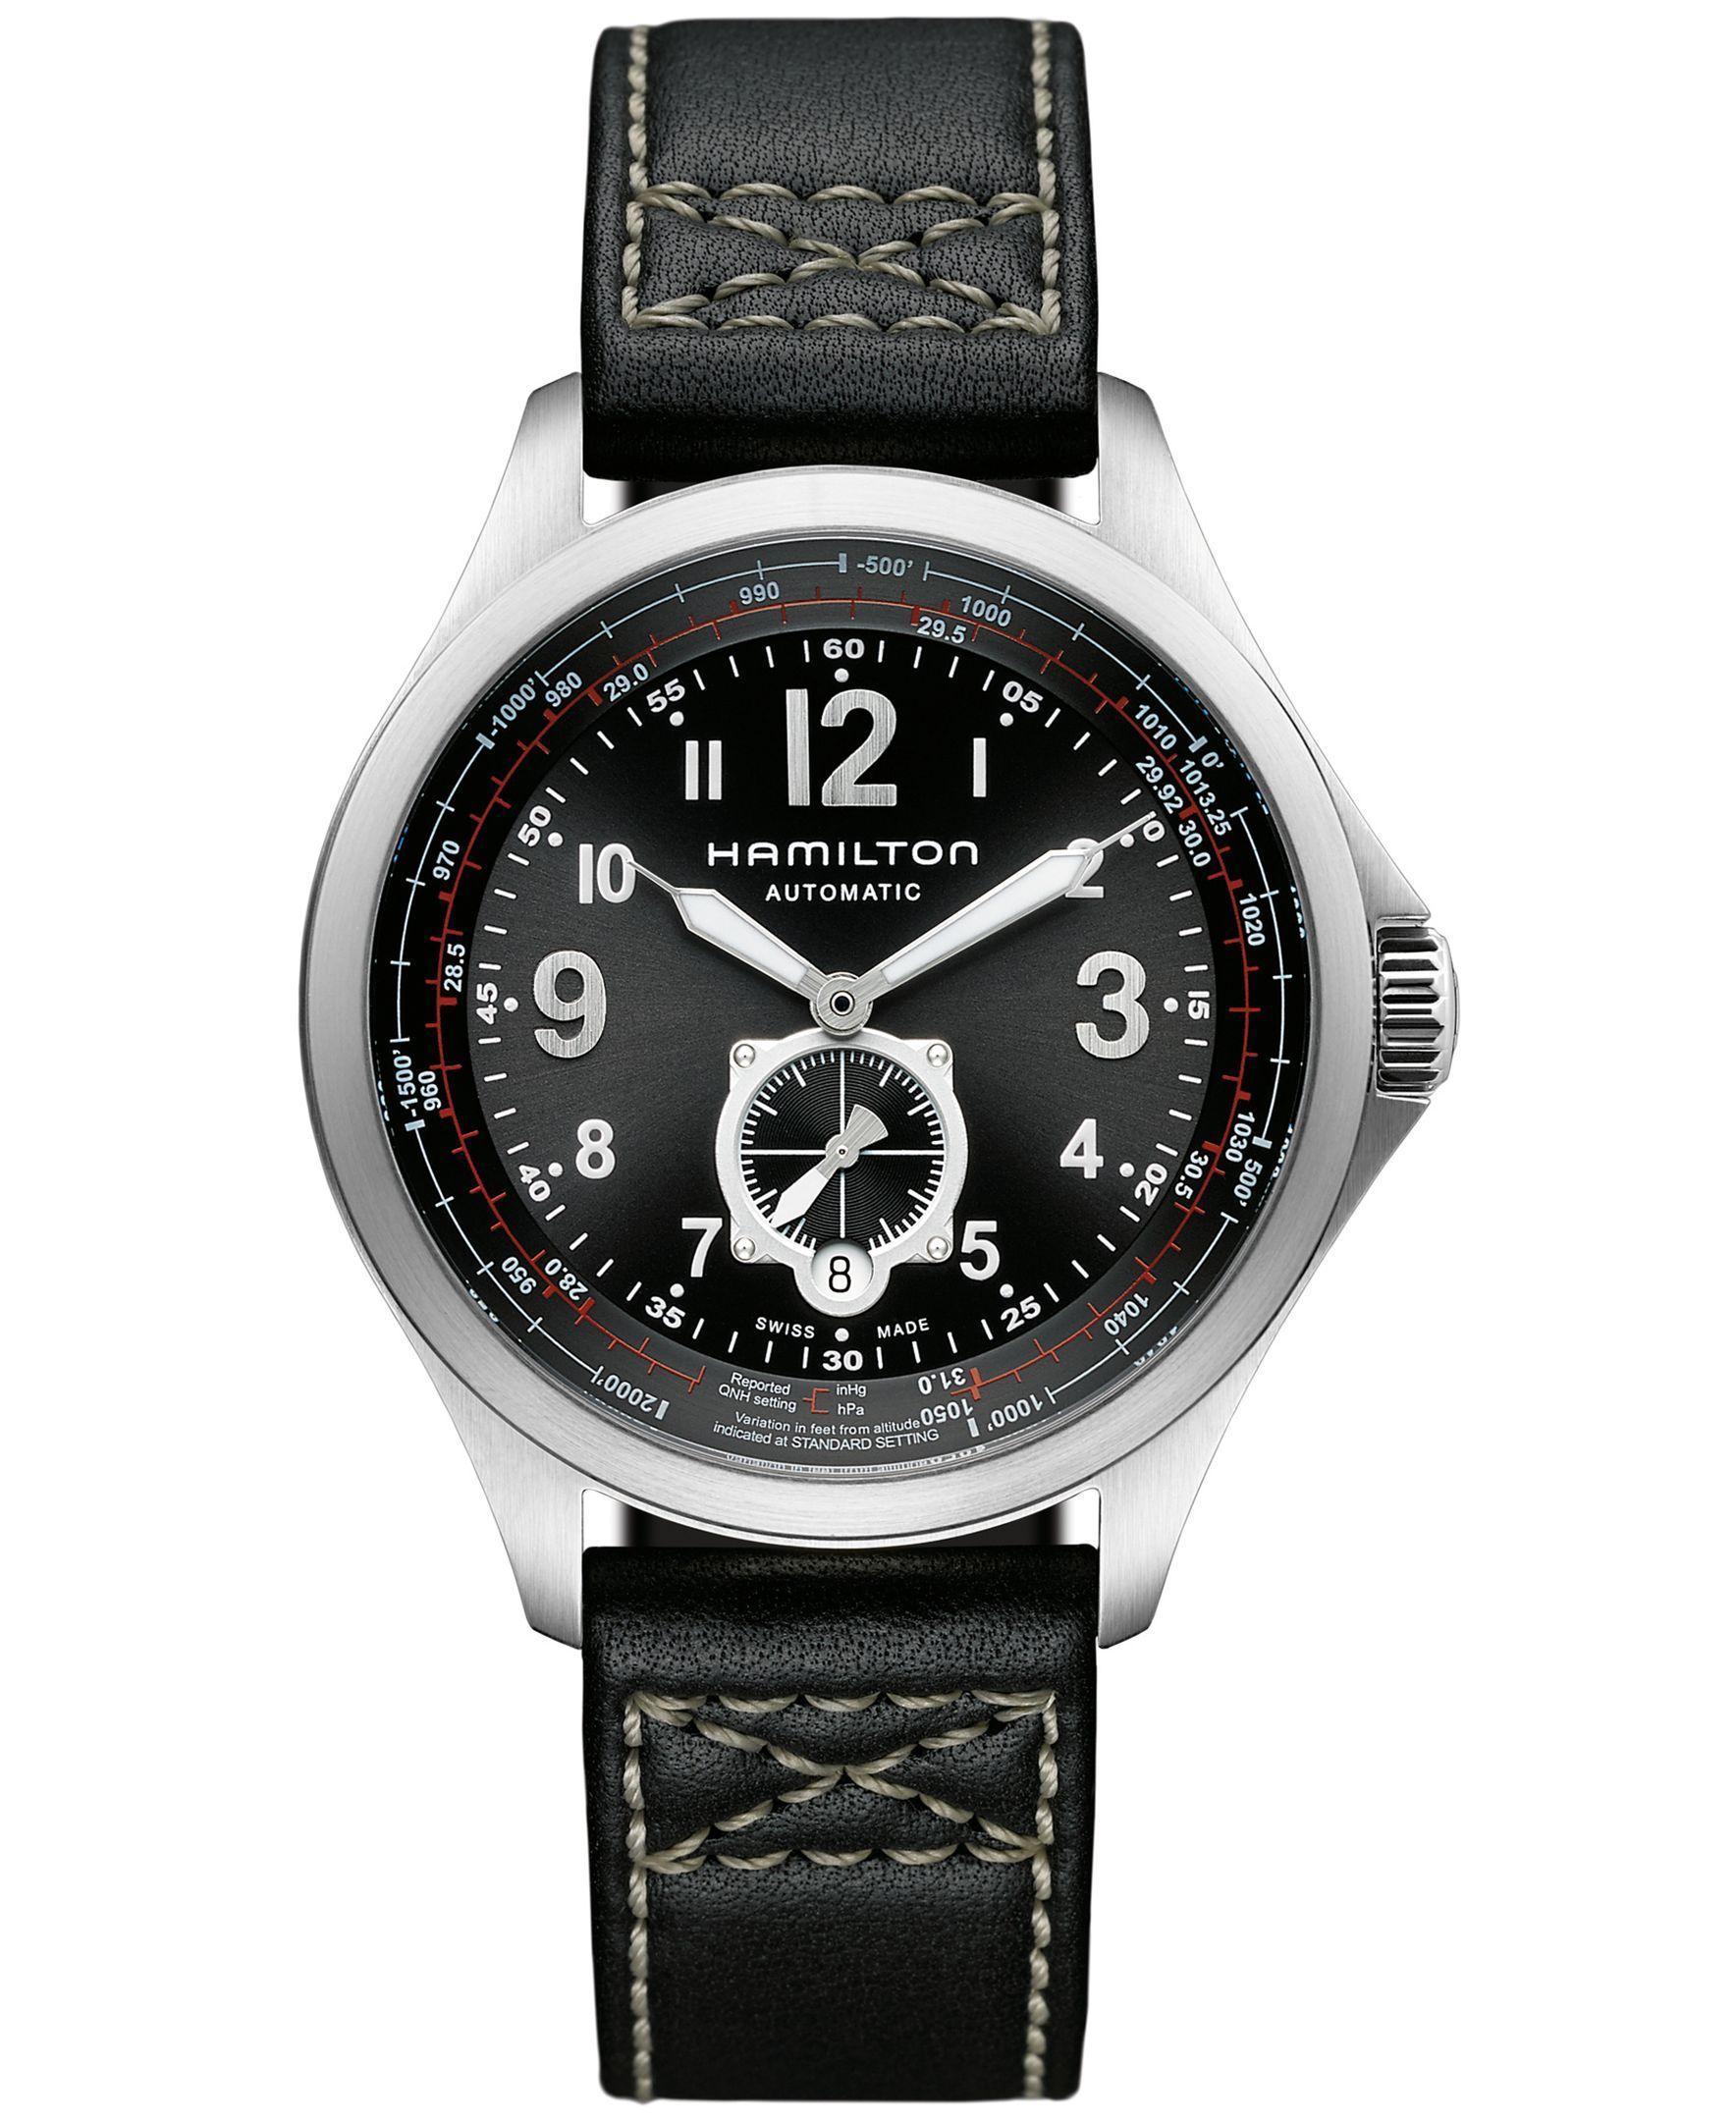 e4d02a26d Hamilton Watch, Men's Swiss Automatic Khaki Qne Black Leather Strap 42mm  H76655733